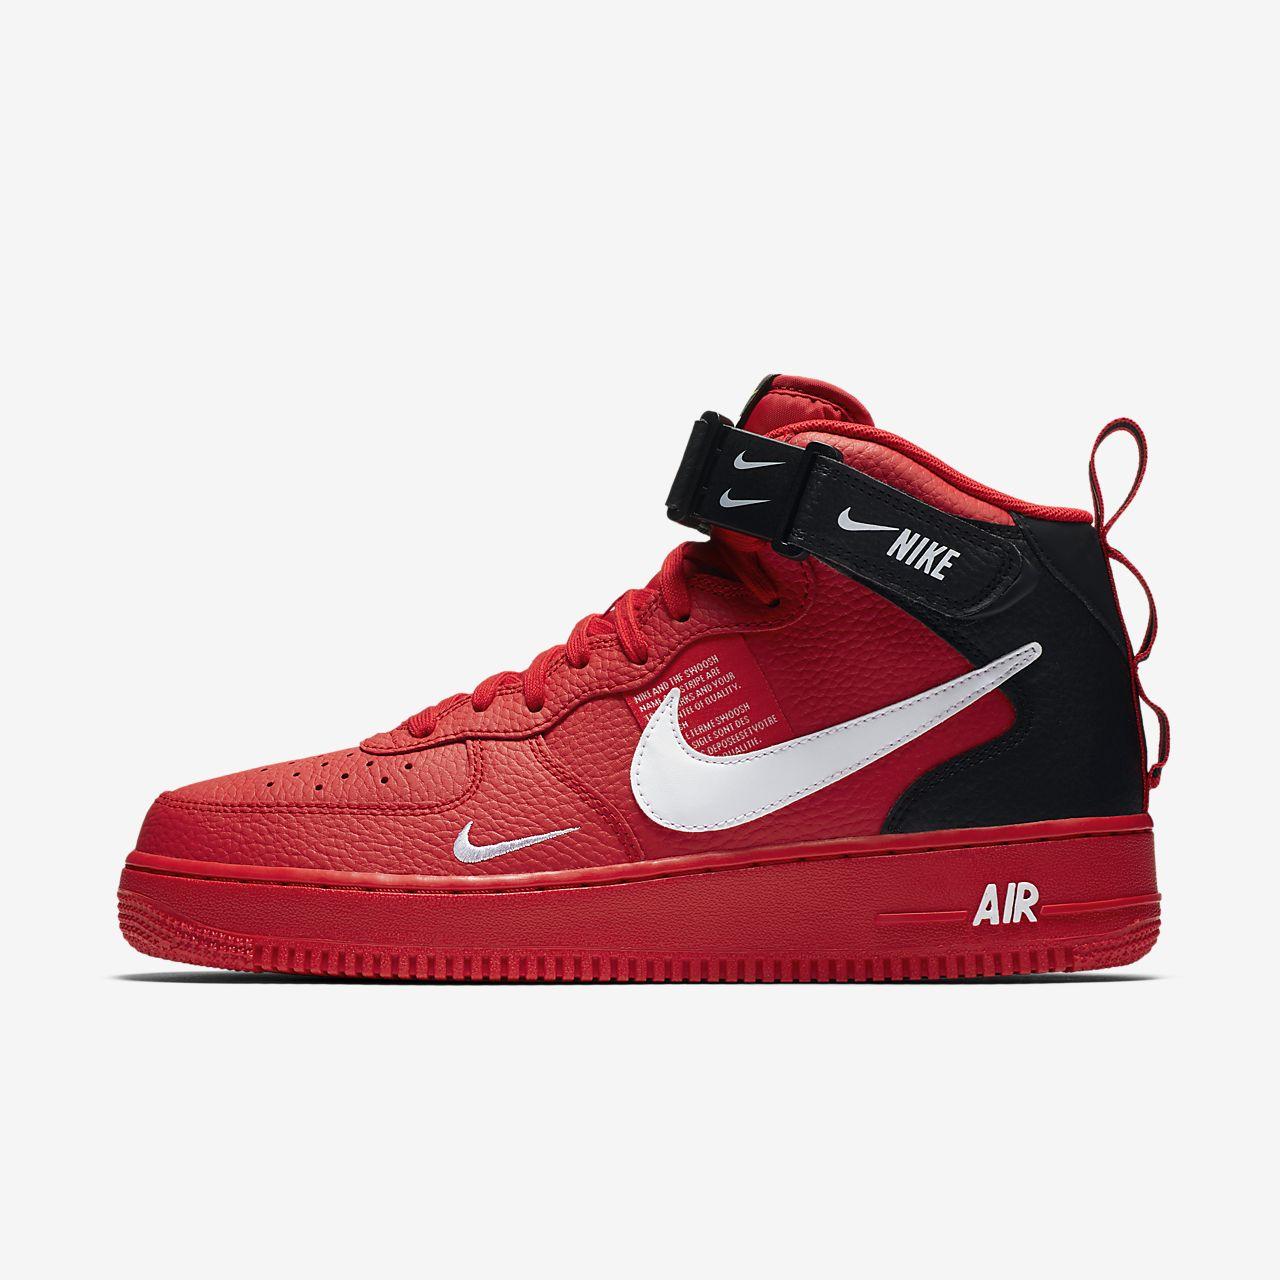 more photos 67362 a8f37 ... Nike Air Force 1 07 Mid LV8 - sko til mænd